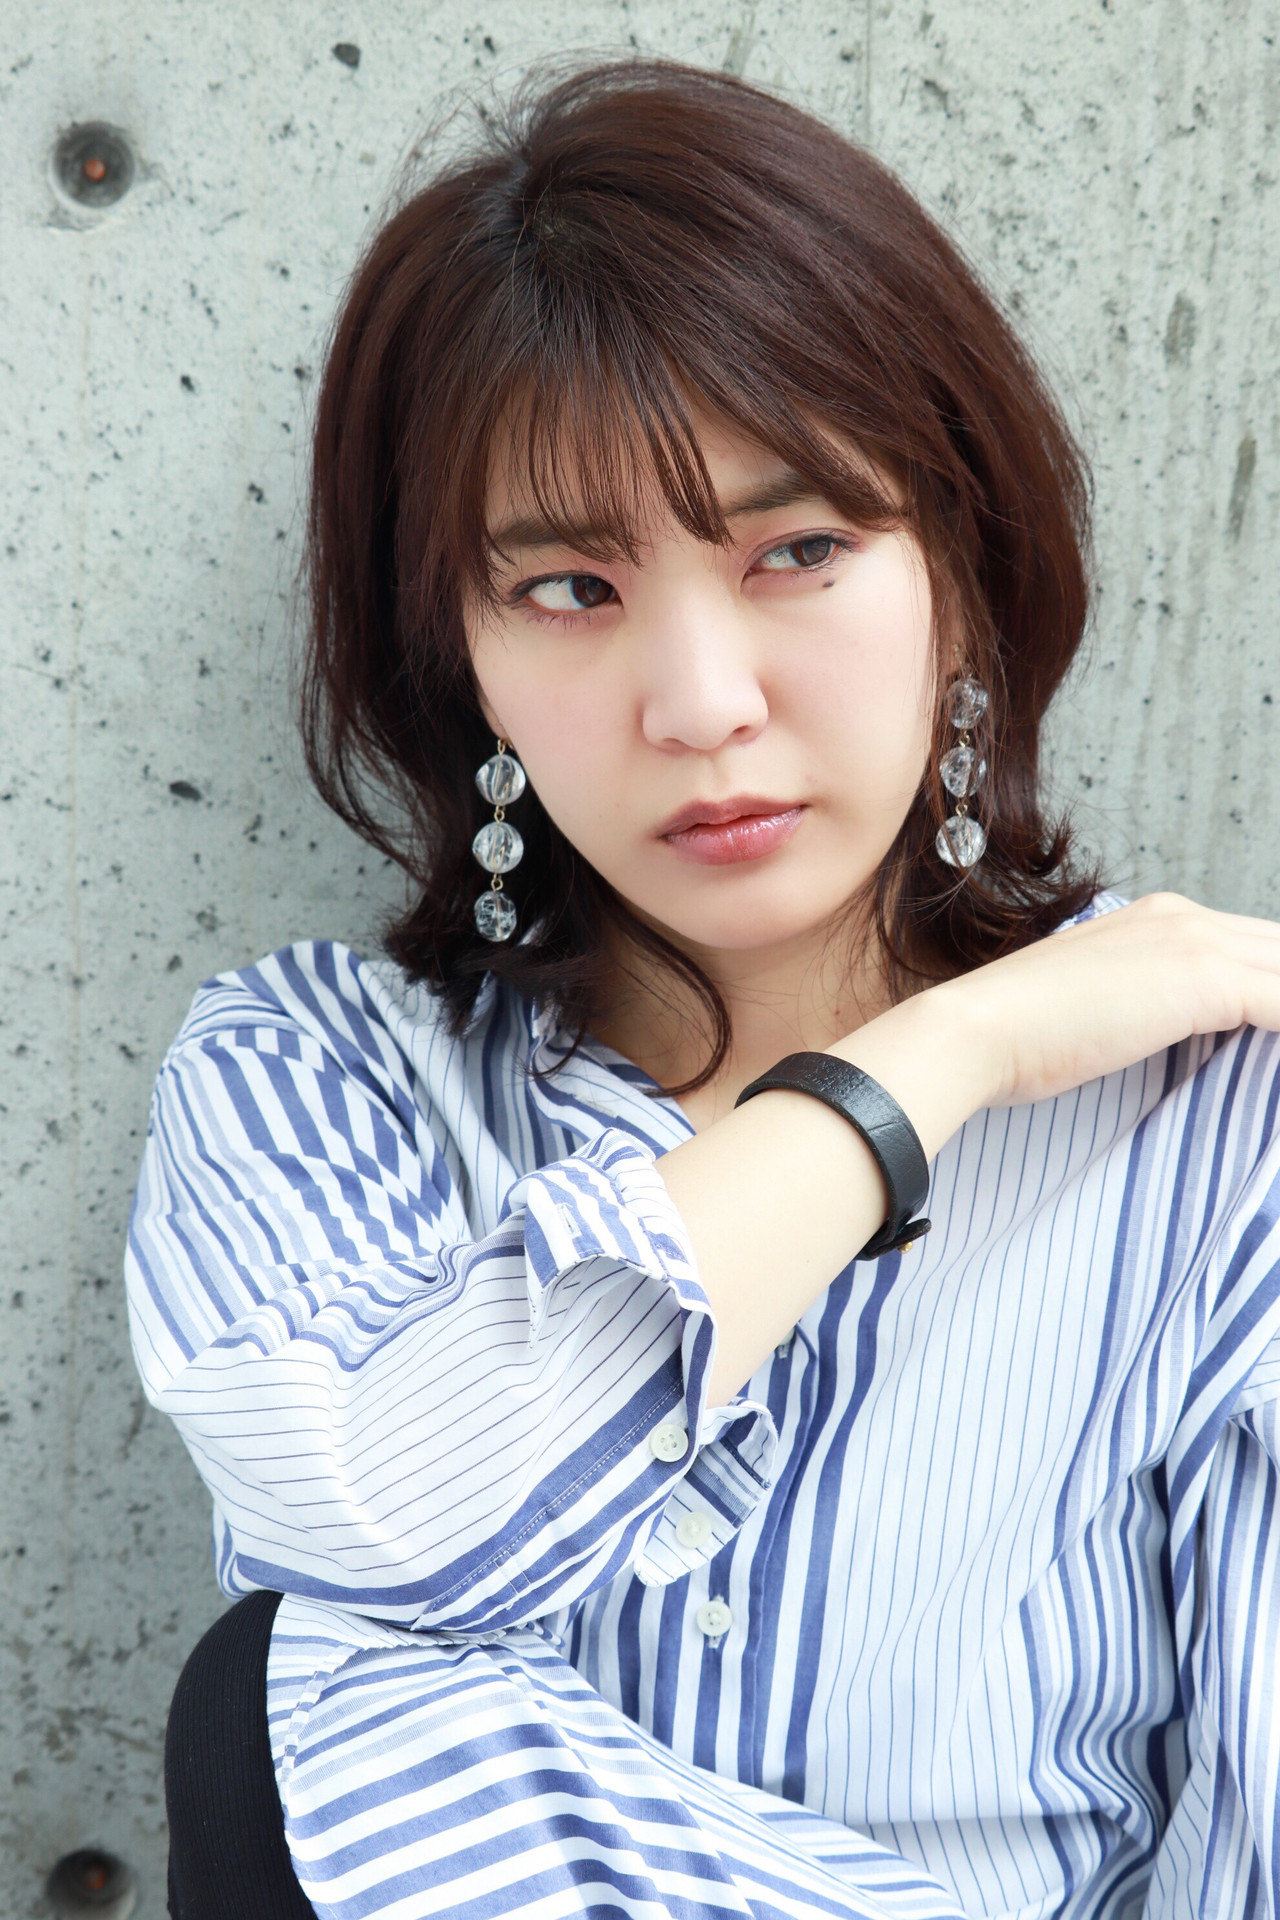 ナチュラル パーマ ミディアム デート ヘアスタイルや髪型の写真・画像 | Kenta Ushirono / growth